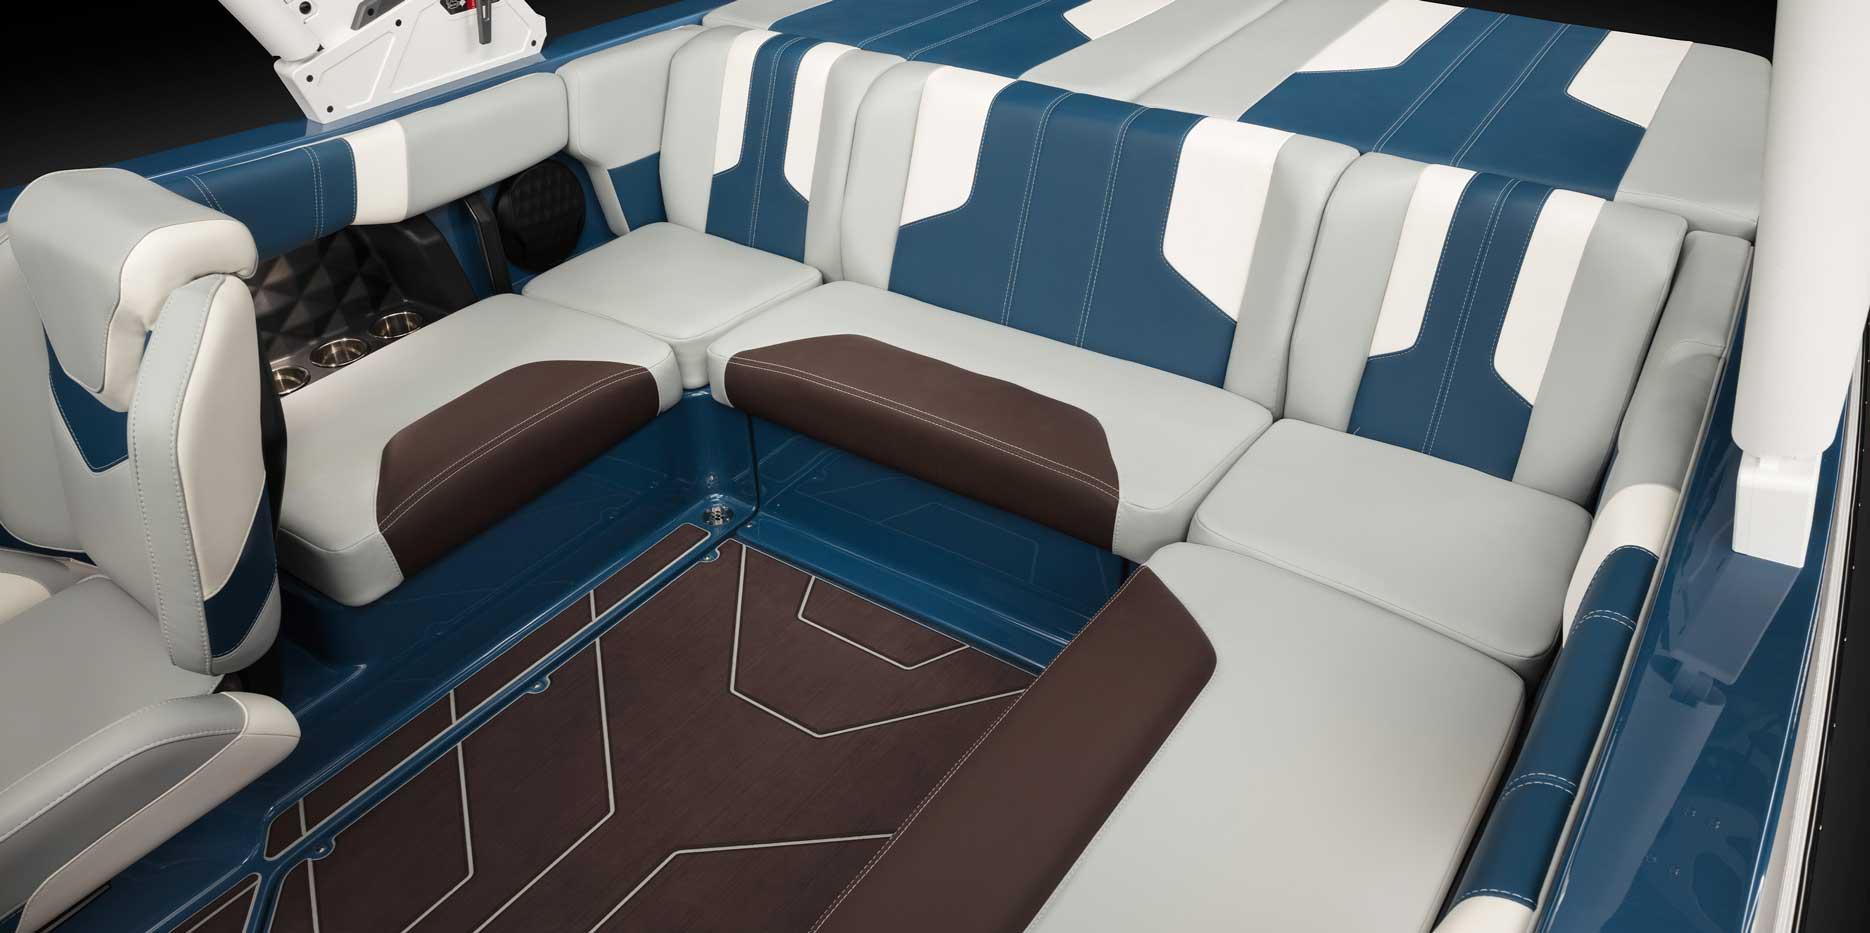 2022 Malibu Boats Wakesetter 21 LX Rear Seating